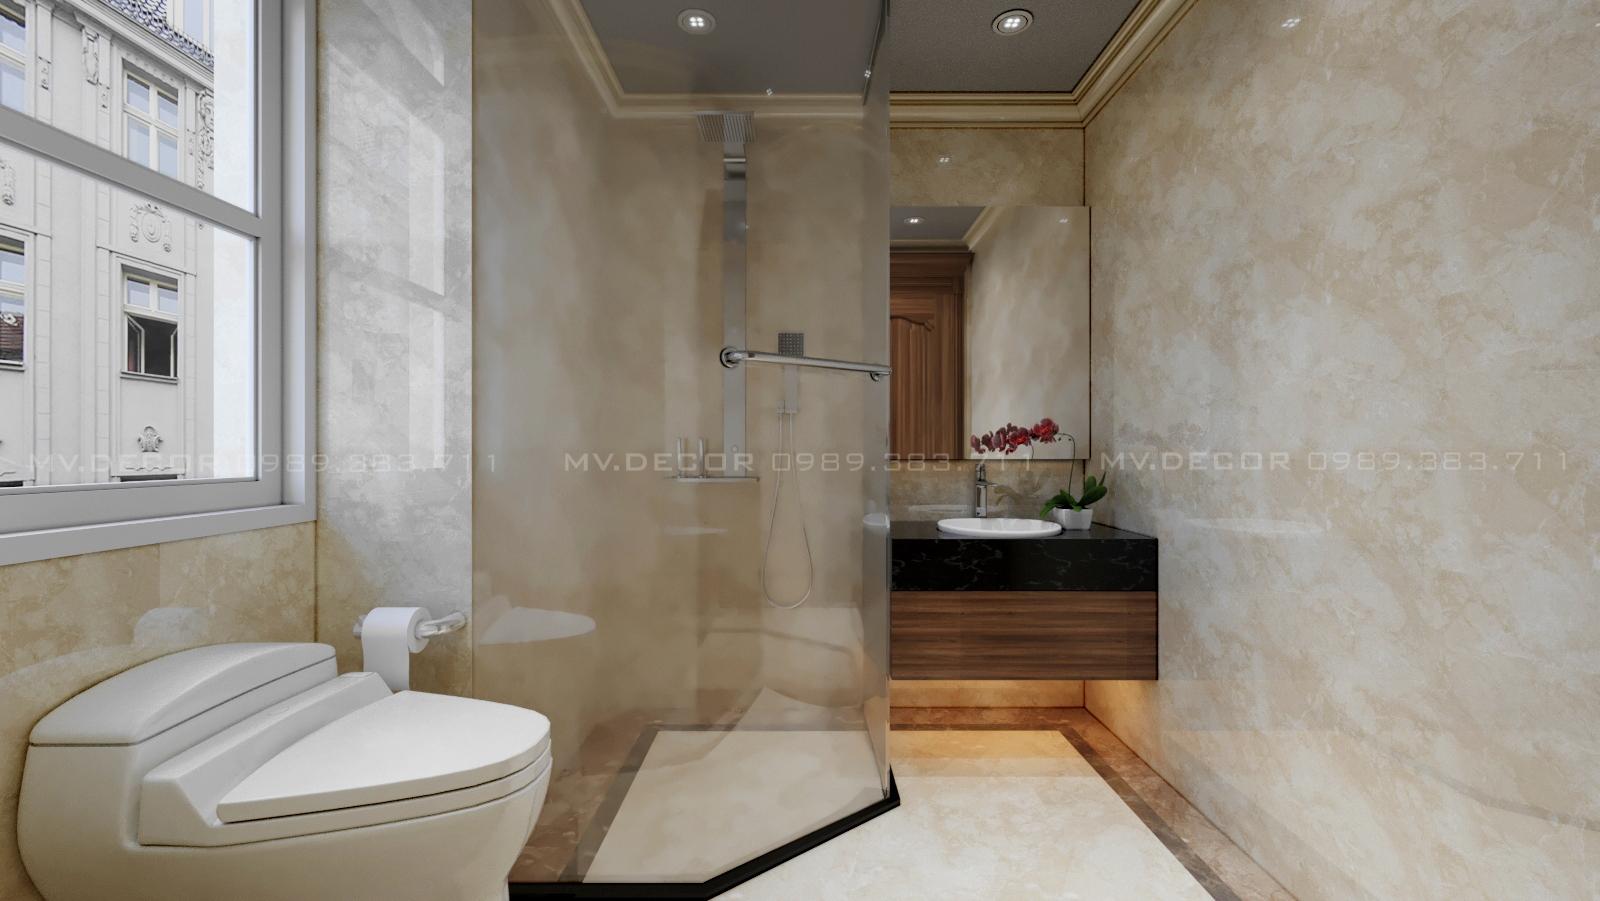 thiết kế nội thất Biệt Thự tại Hải Phòng BT VINHOME HẢI PHÒNG 13 1562719451